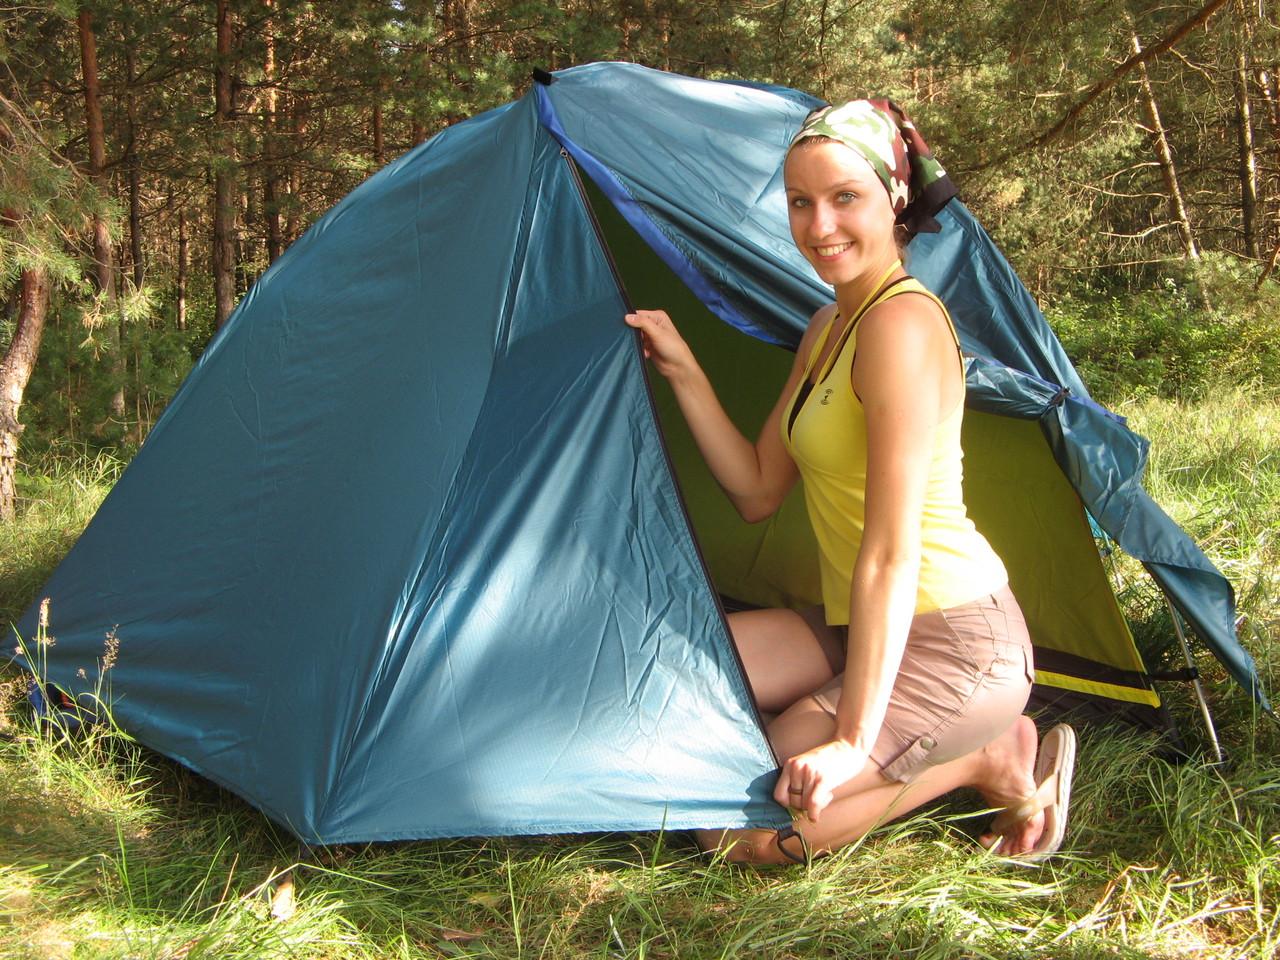 Секс туристов в палатке в крыму видео